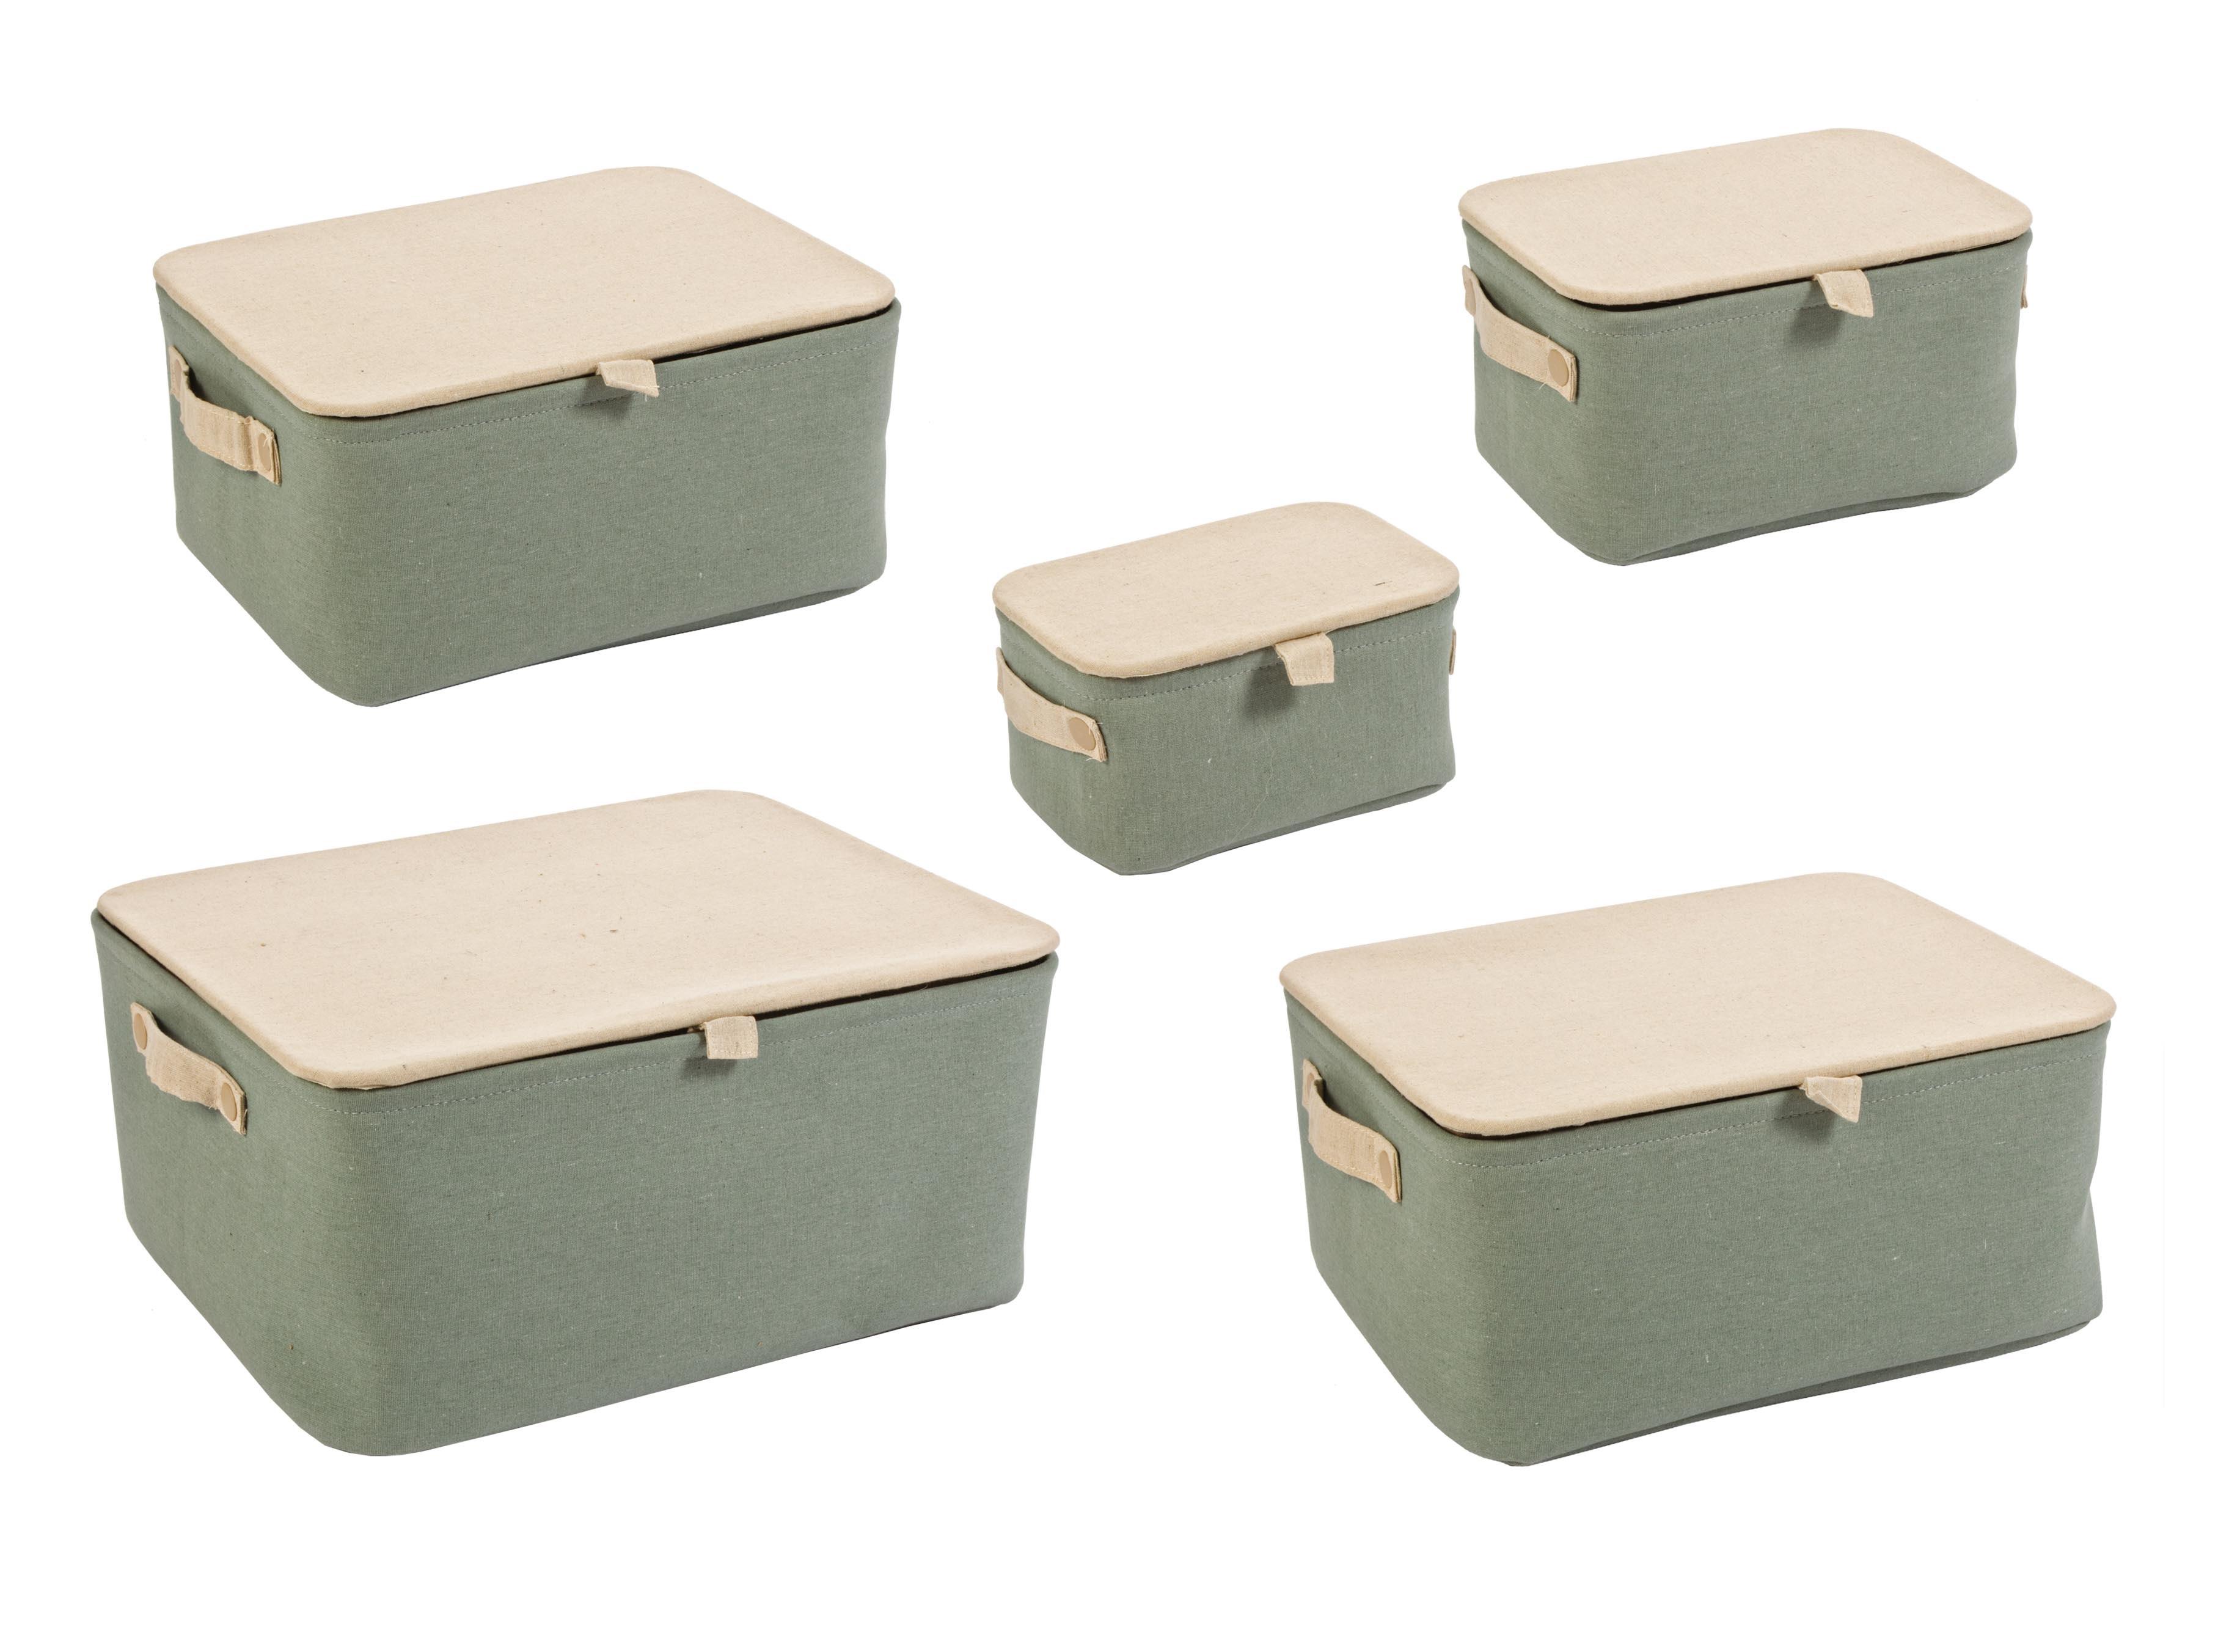 Набор из пяти коробок для хранения SoftКоробки<br>Набор из пяти коробок для хранения &amp;quot;Soft&amp;quot;.&amp;amp;nbsp;&amp;lt;div&amp;gt;Большая коробка: длина 45, ширина 38, высота 21;&amp;amp;nbsp;&amp;lt;/div&amp;gt;&amp;lt;div&amp;gt;средняя коробка: длина 40, ширина 33, высота 19;&amp;amp;nbsp;&amp;lt;/div&amp;gt;&amp;lt;div&amp;gt;средняя коробка: длина 35, ширина 29, высота 17;&amp;amp;nbsp;&amp;lt;/div&amp;gt;&amp;lt;div&amp;gt;маленькая коробка: длина 39, ширина 20, высота 15;&amp;amp;nbsp;&amp;lt;/div&amp;gt;&amp;lt;div&amp;gt;маленькая коробка: длина 24, ширина 16, высота 13  .&amp;amp;nbsp;&amp;lt;/div&amp;gt;&amp;lt;div&amp;gt;&amp;lt;br&amp;gt;&amp;lt;/div&amp;gt;&amp;lt;div&amp;gt;Материал: хлопок, лен, нетканный материал.&amp;amp;nbsp;&amp;lt;/div&amp;gt;<br><br>Material: Хлопок<br>Length см: None<br>Width см: 45<br>Depth см: 38<br>Height см: 21